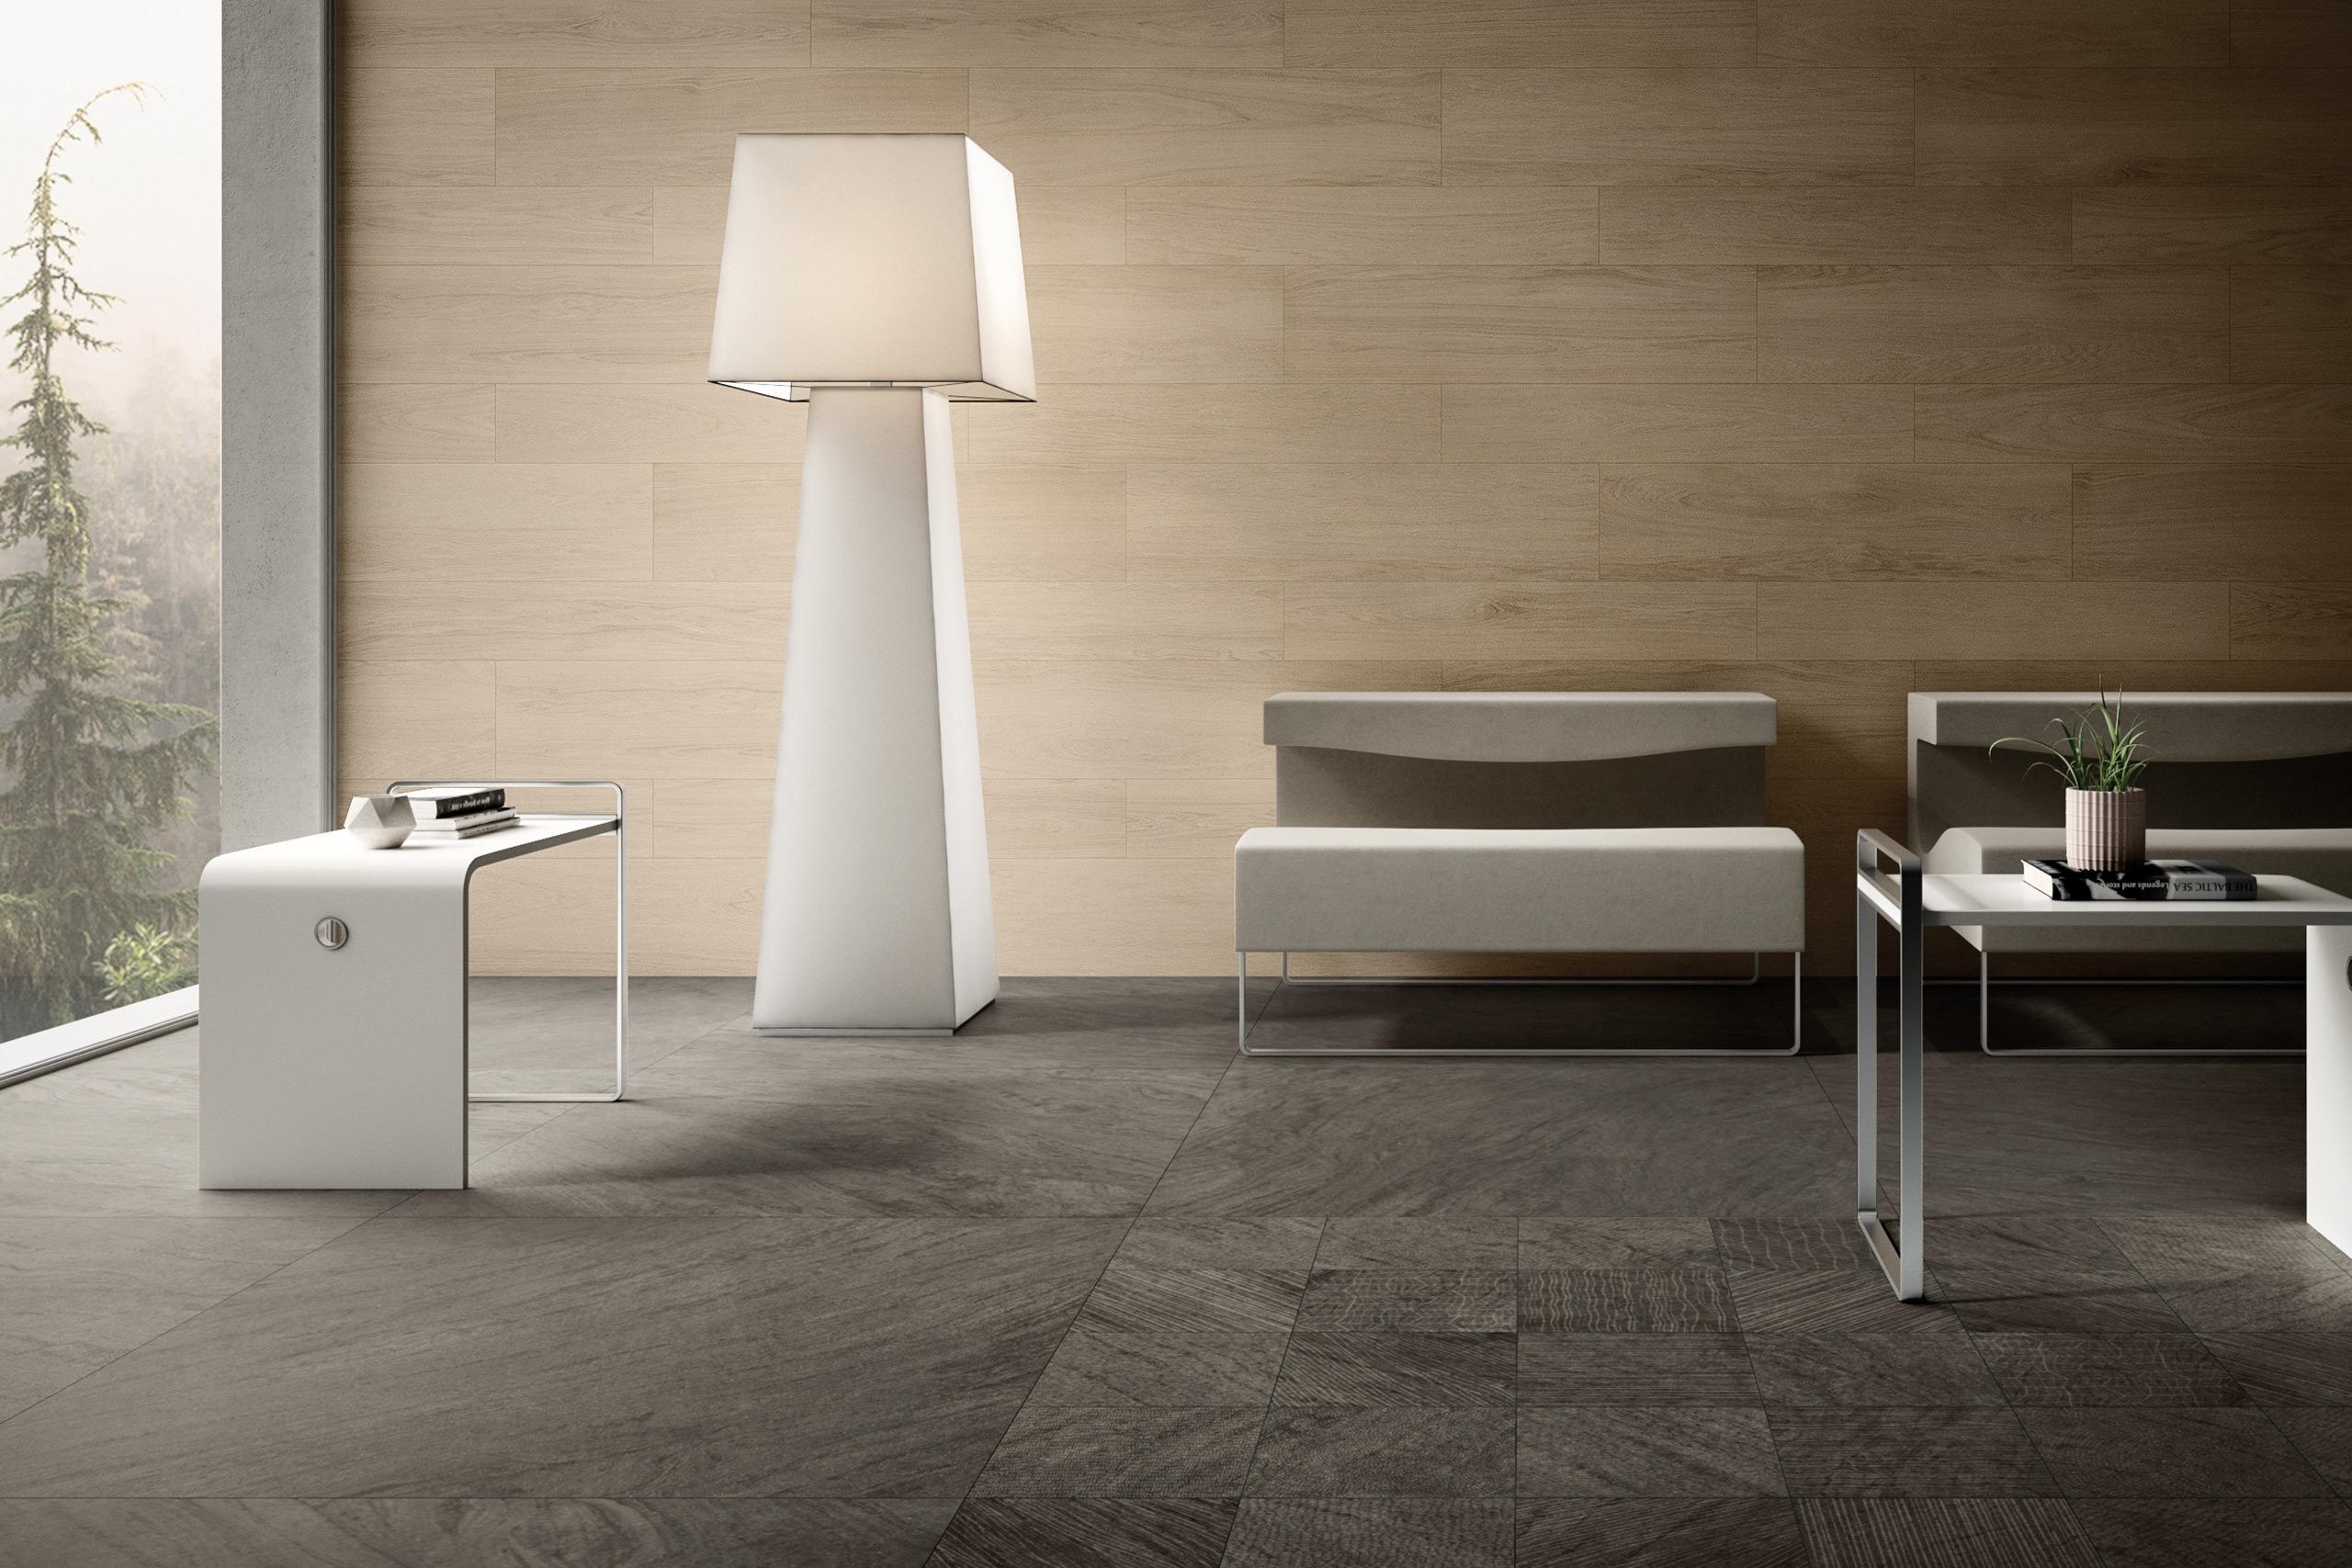 Rendering esterni interni fotorealistici Caesar living dettaglio sedie